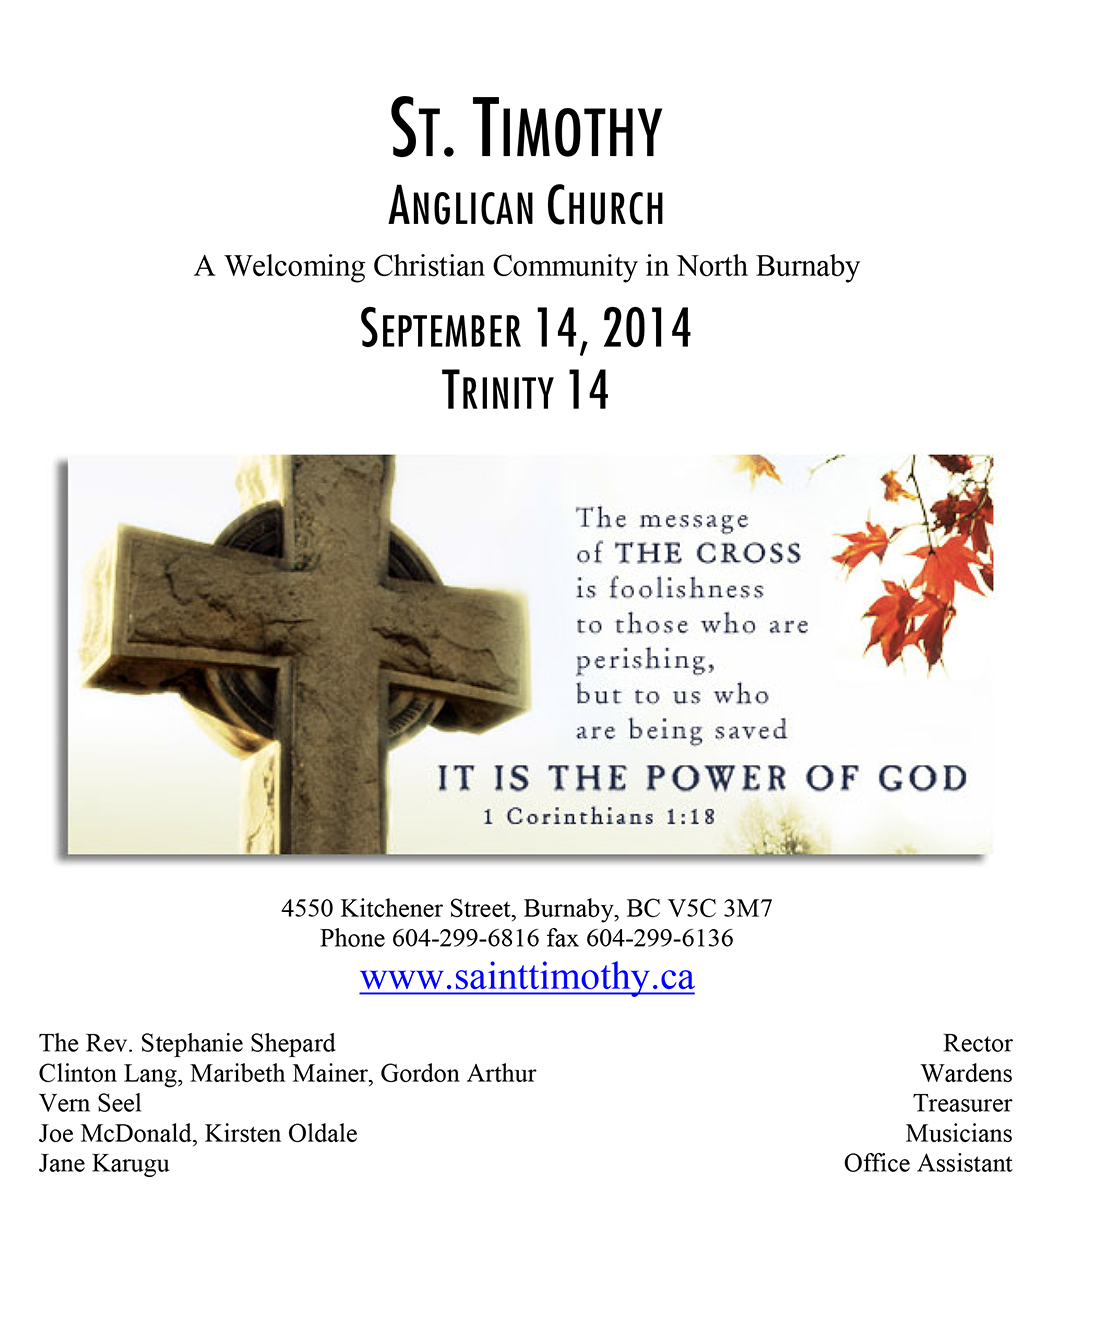 Bulletin: September 14, 2014